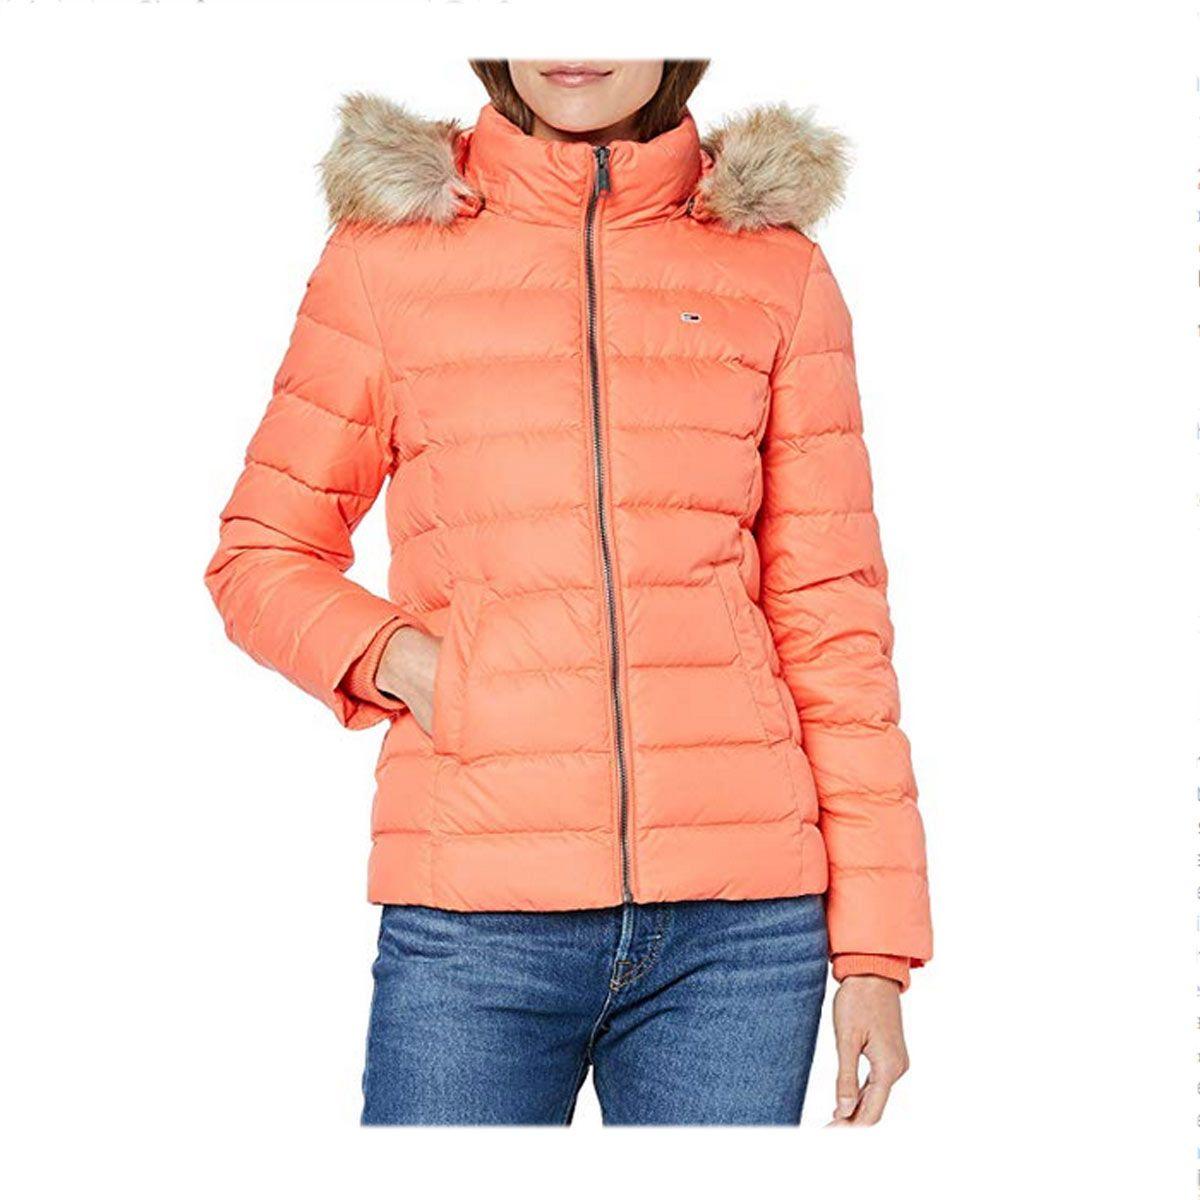 Mantel Fur Damen 2020 Besten Seller Bestseller Produkte In 2020 Damen Mantel Winter Jacken Daunenjacke